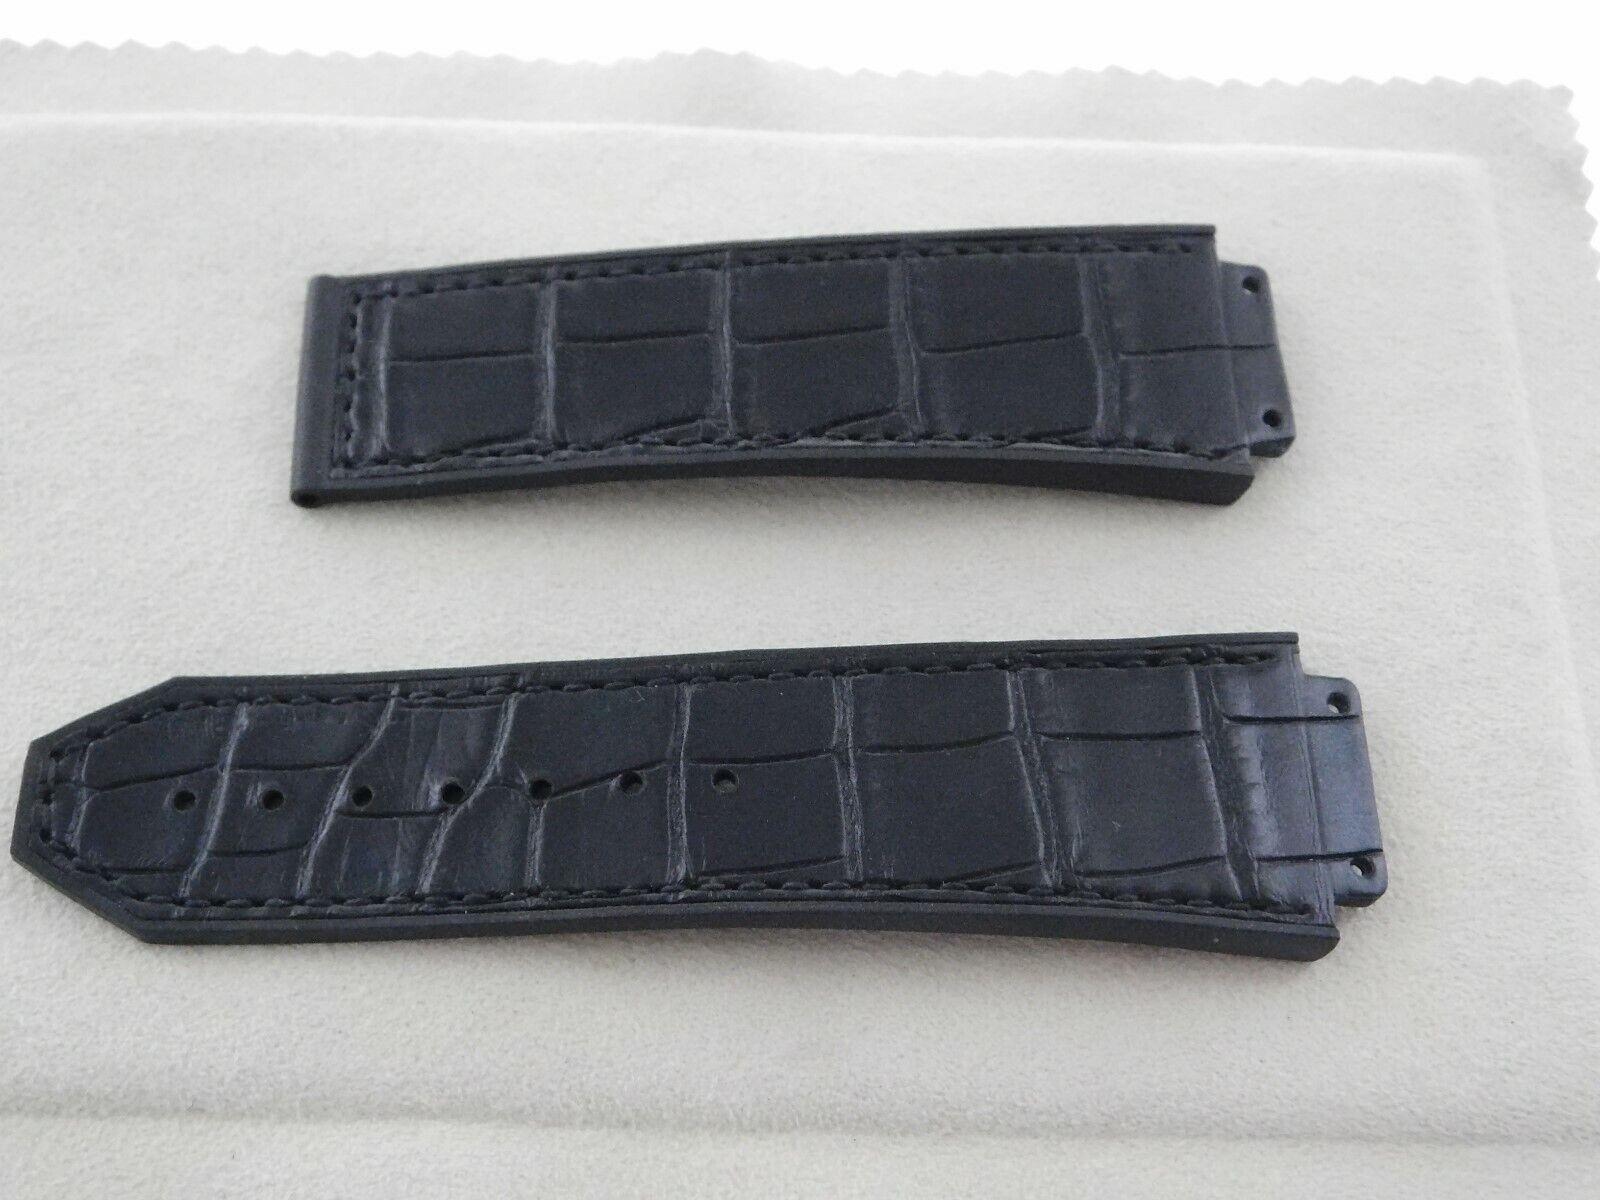 Hublot 26 - 22 mm Krokoband für Faltschließe Big Bang Uhr Modelle Neu und ungetragen